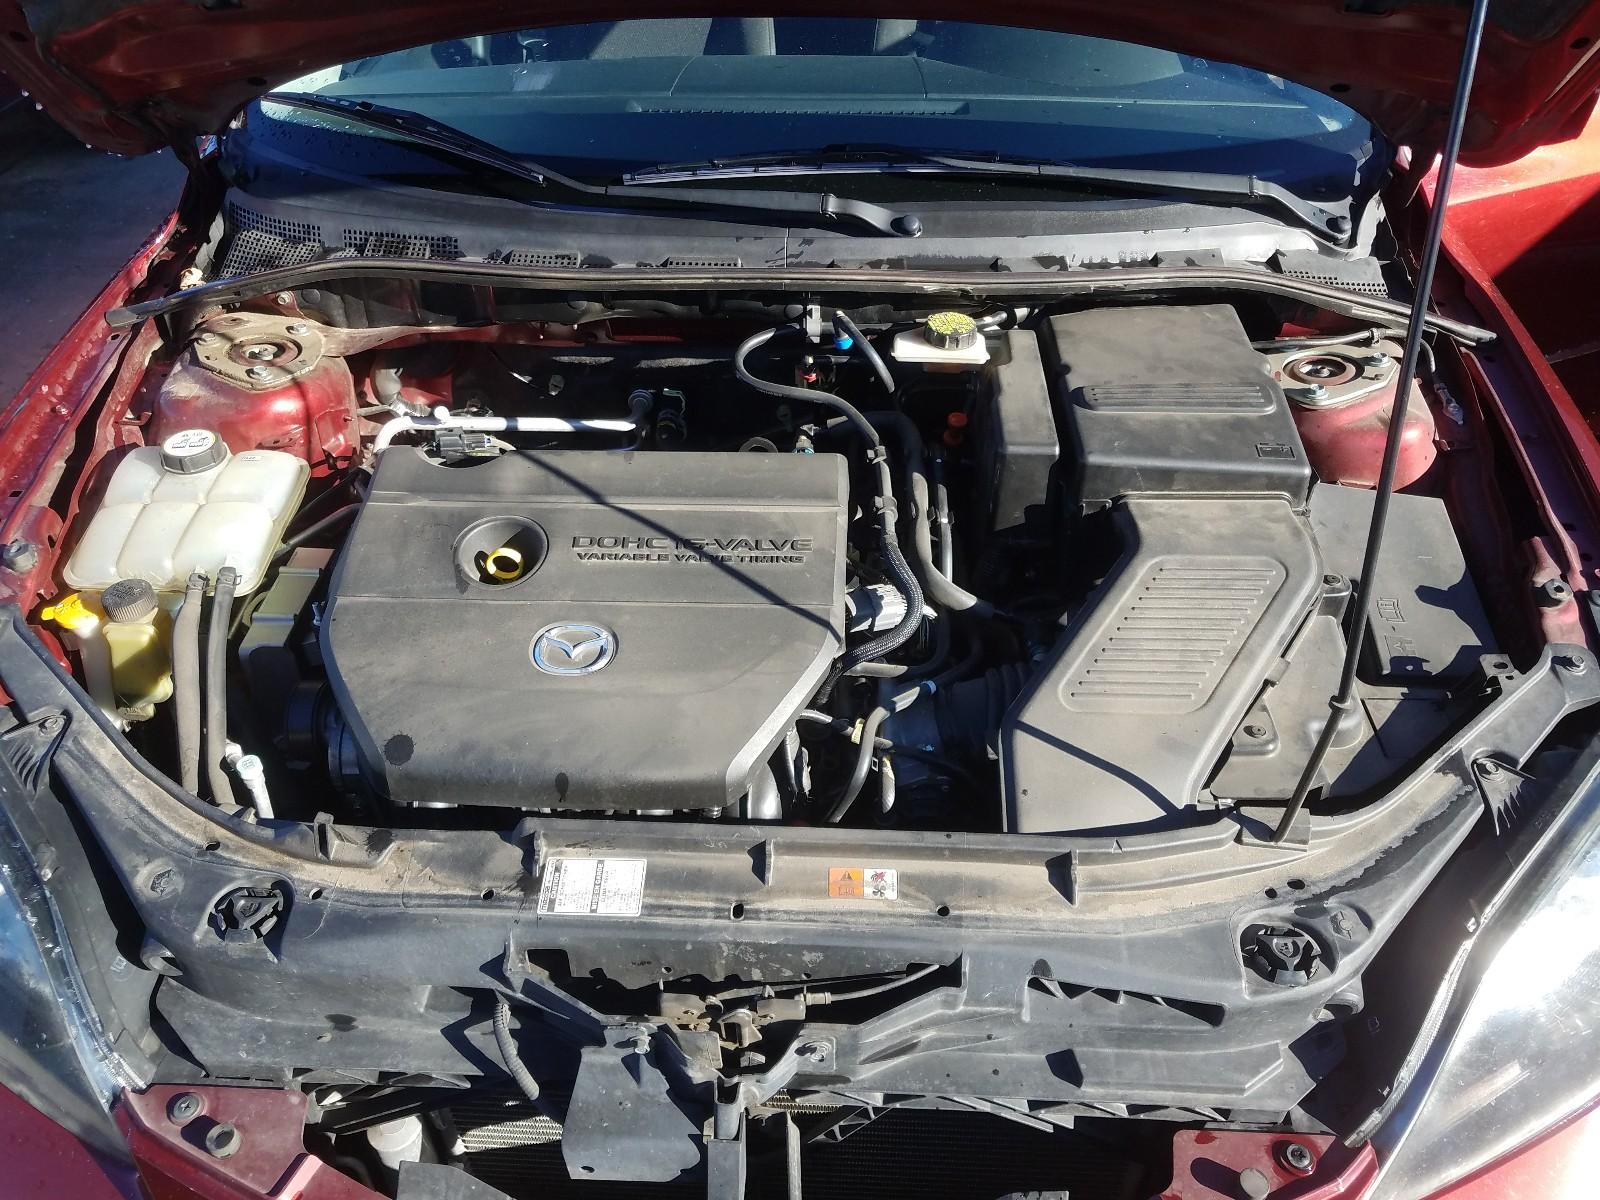 JM1BK343591215390 - 2009 Mazda 3 S 2.3L inside view